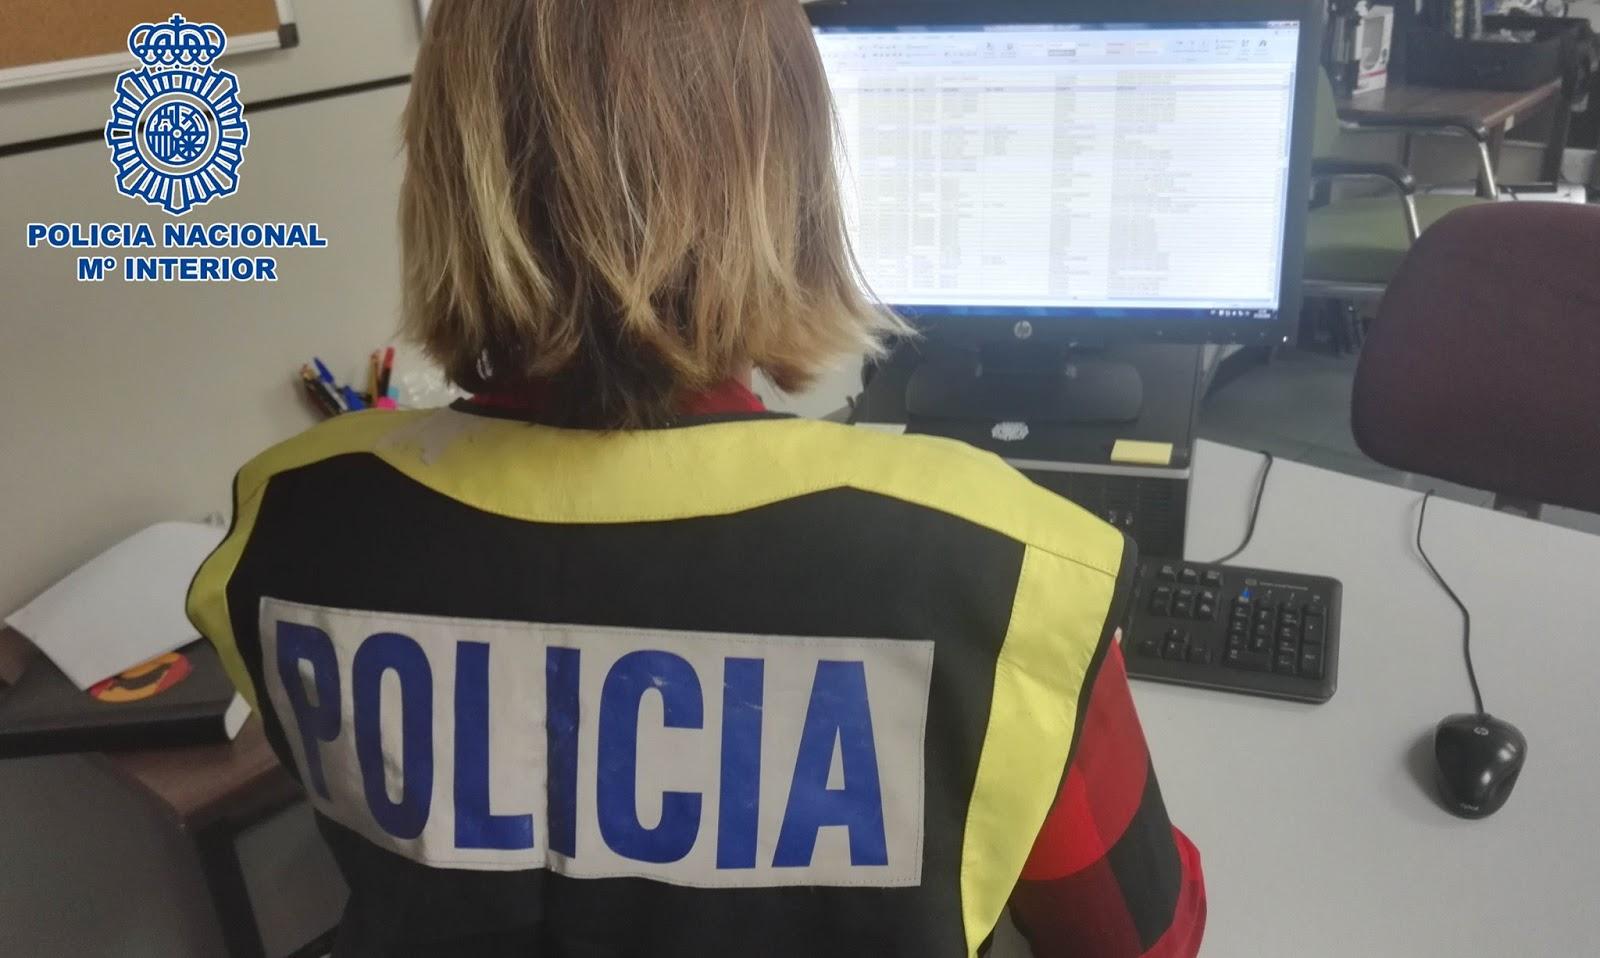 0b2bfa8cc En la isla de Gran Canaria La Policía Nacional detiene a la jefa de  estudios de un centro educativo por modificar fraudulentamente las notas de  un alumno